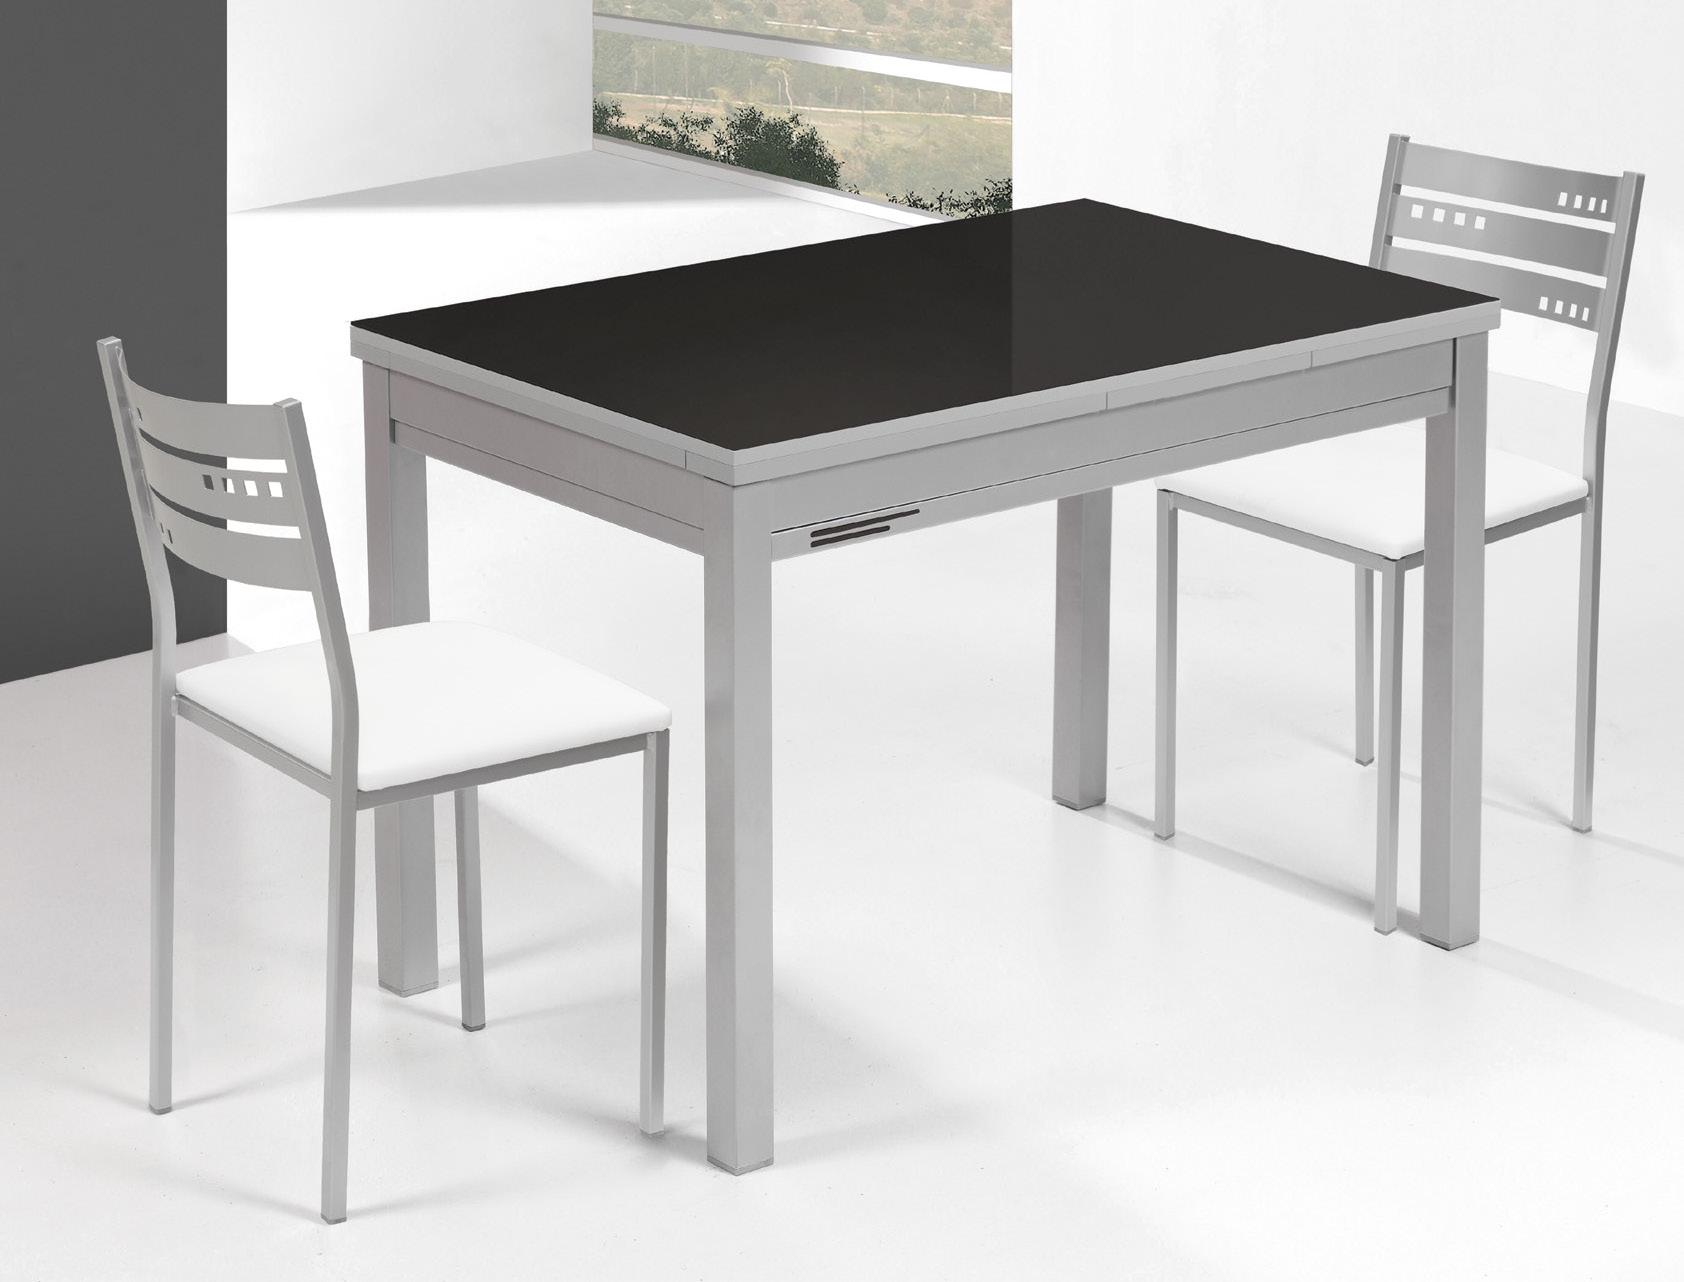 Mesas metálicas / Imeci - Fábrica de Mesas y Sillas de Cocina y Comedor